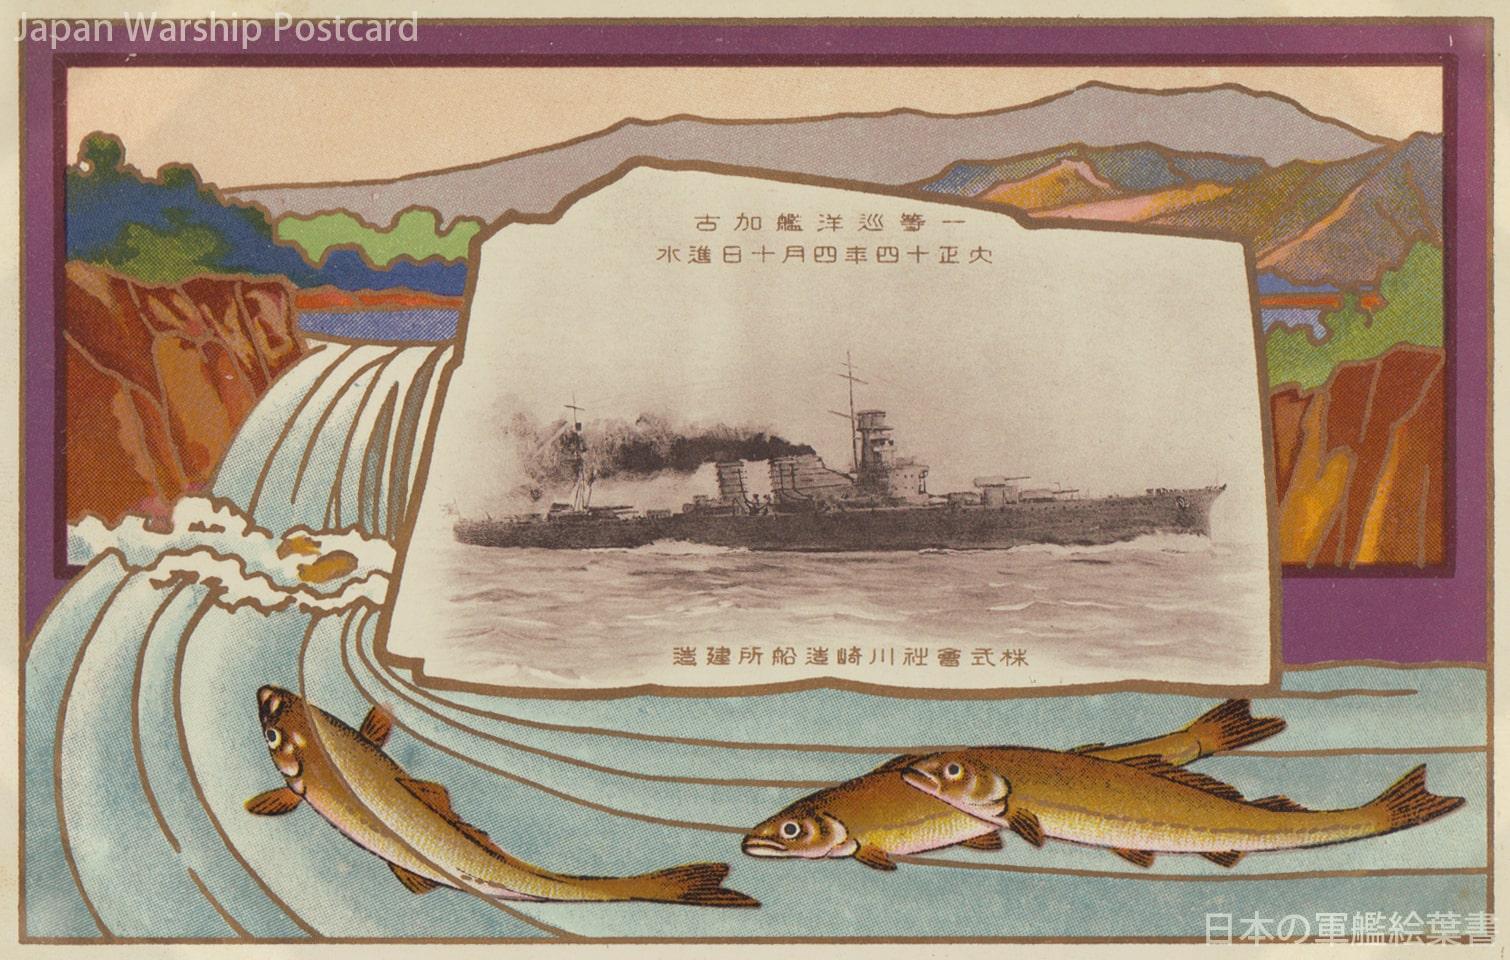 軍艦加古進水記念